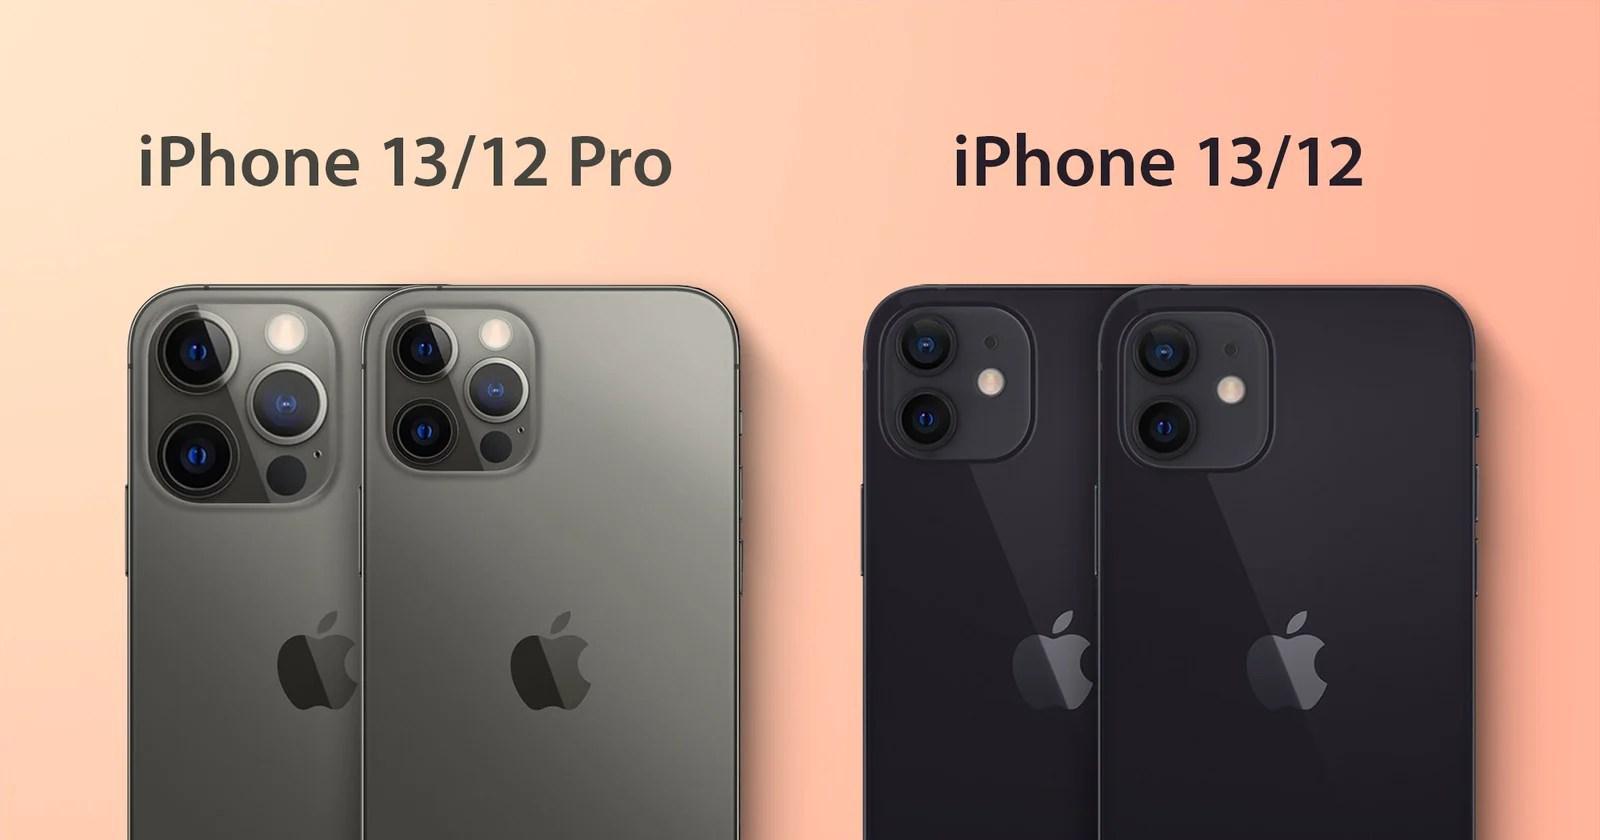 L'iPhone 13 sarà più spesso e il Bump della fotocamera più grande: rapporto